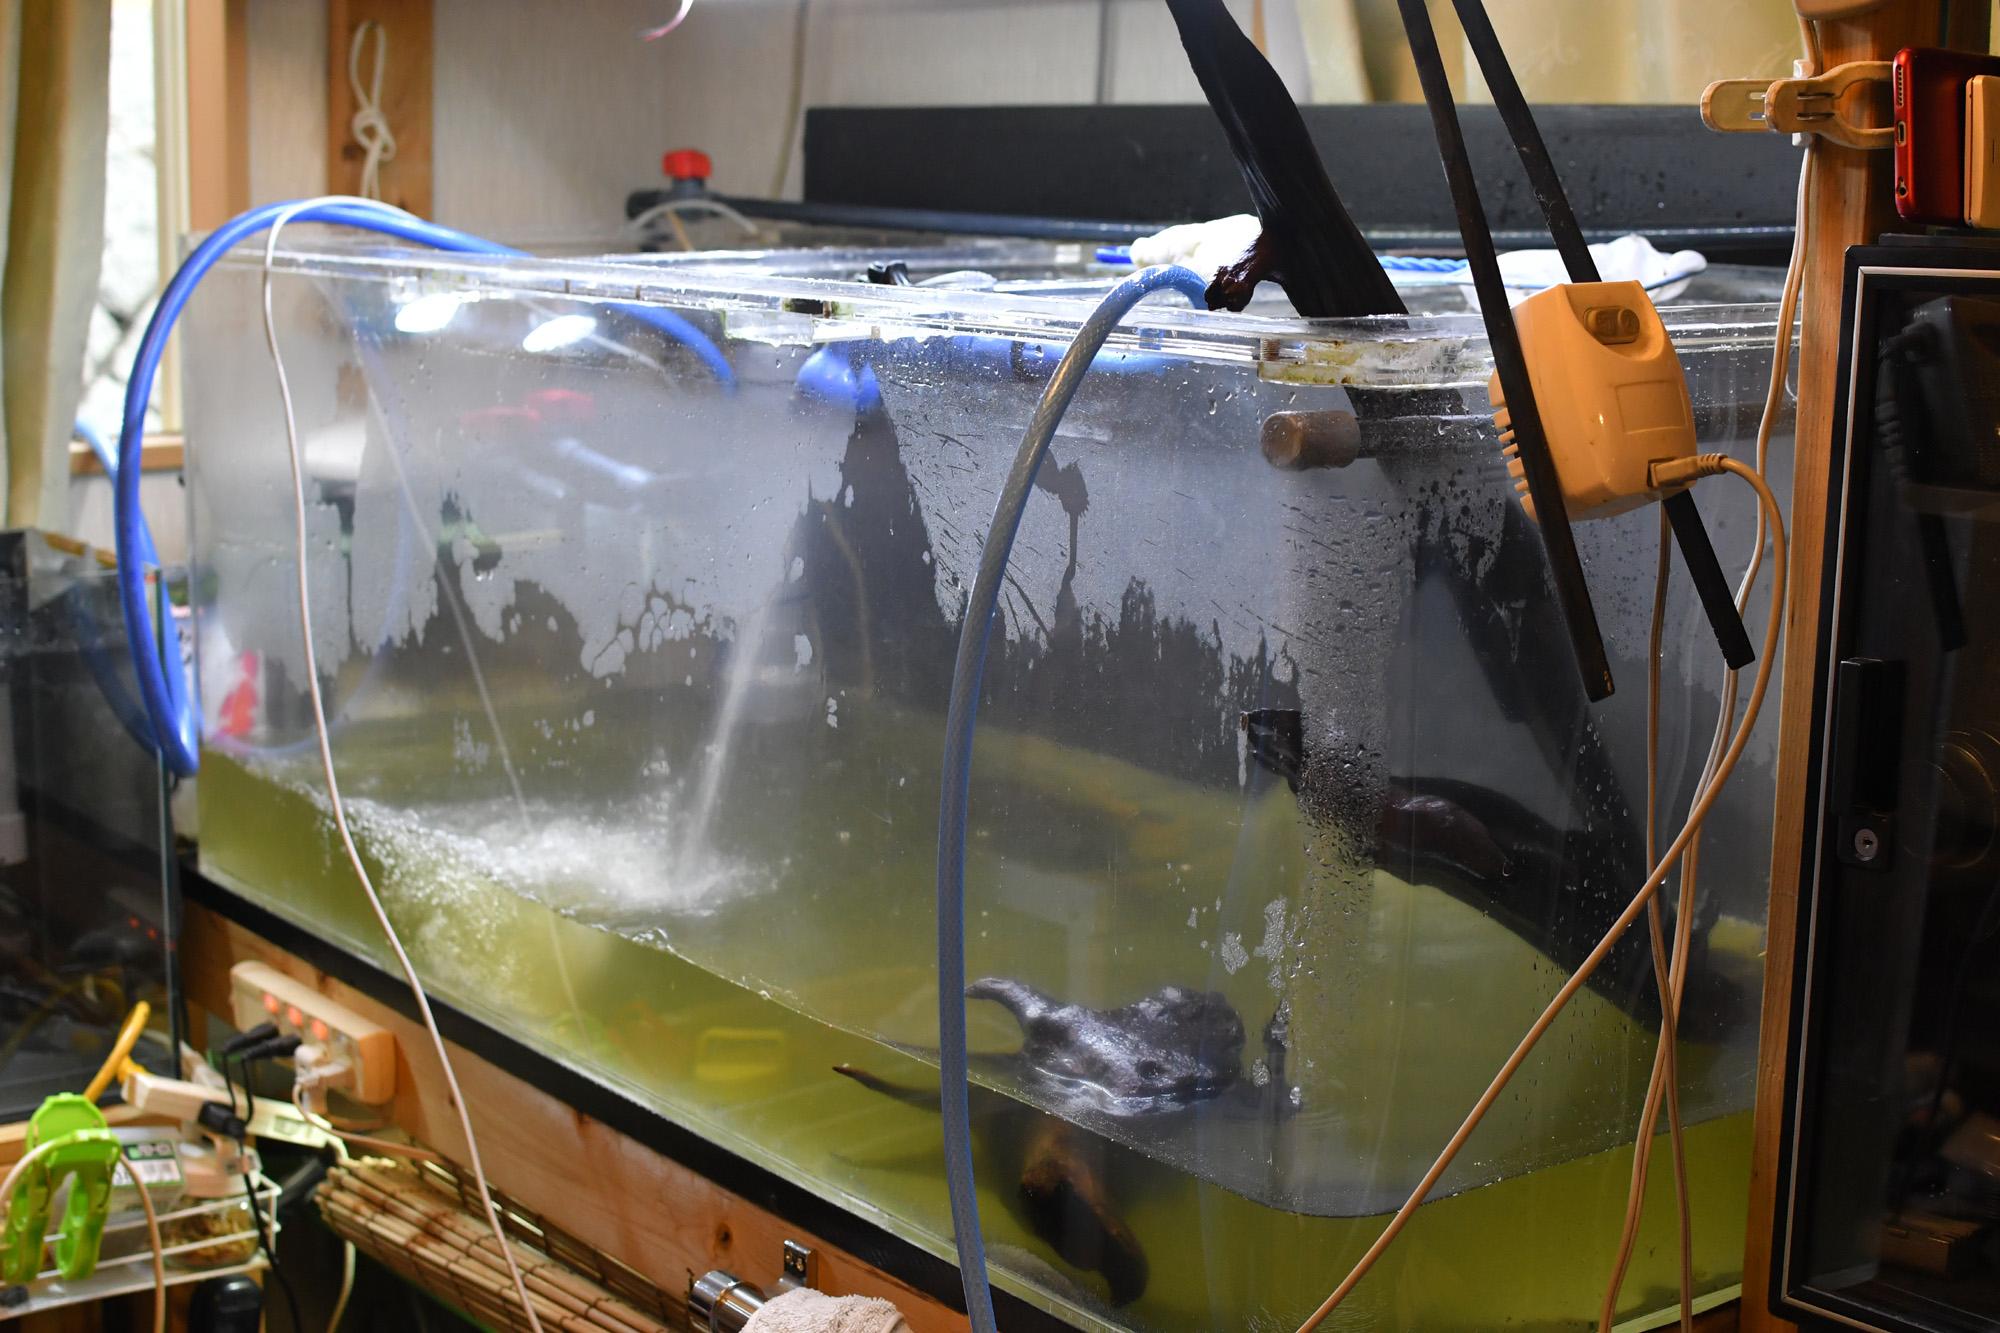 水槽掃除(コケ取り)しないセルフィンプレコ! 金魚水槽も水替えしてヒーター入れました。